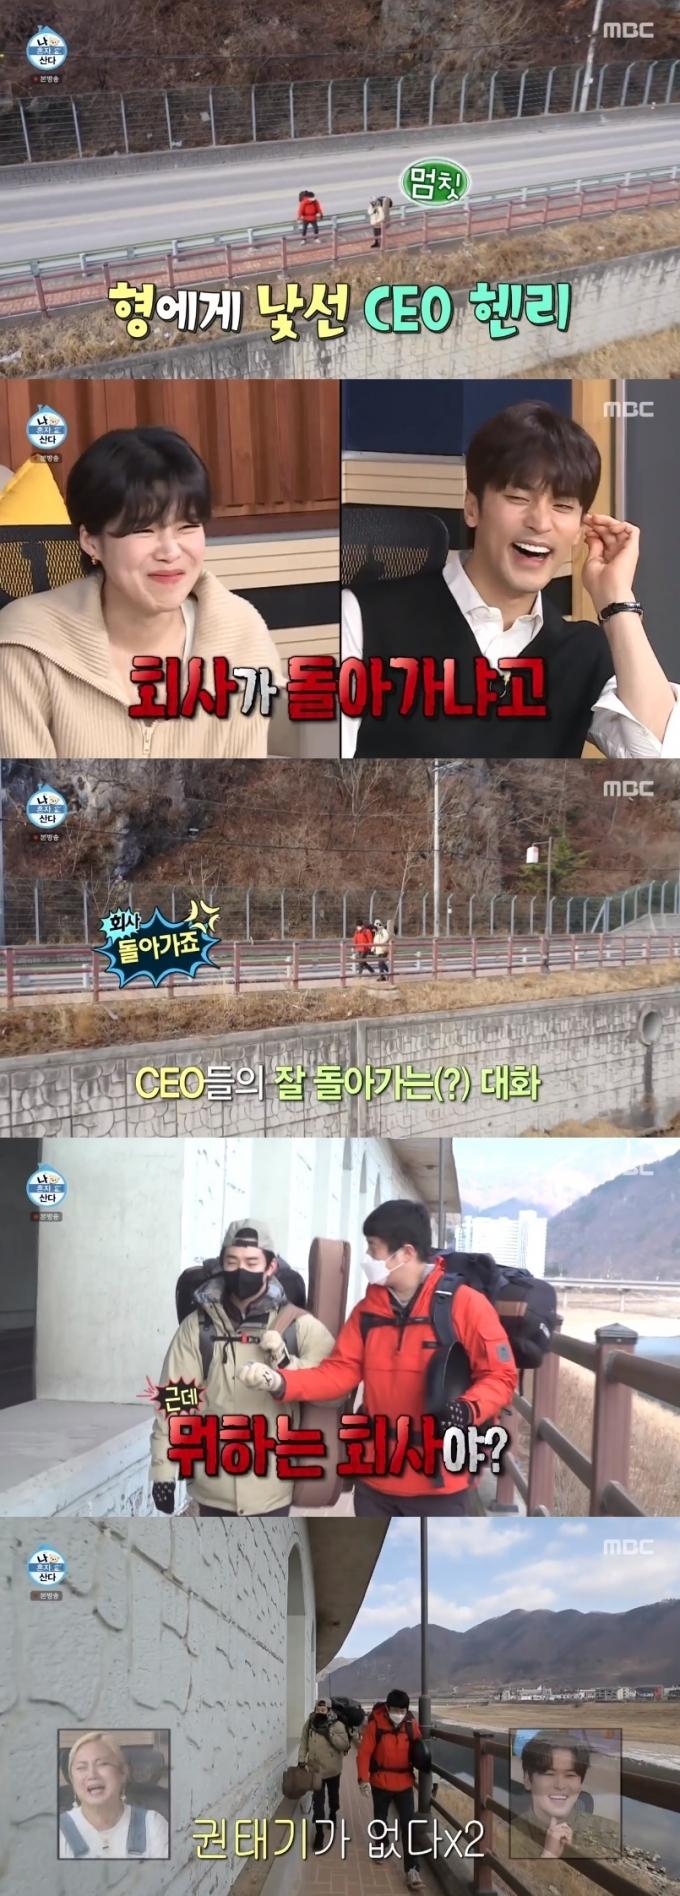 MBC '나 혼자 산다' 캡처 © 뉴스1